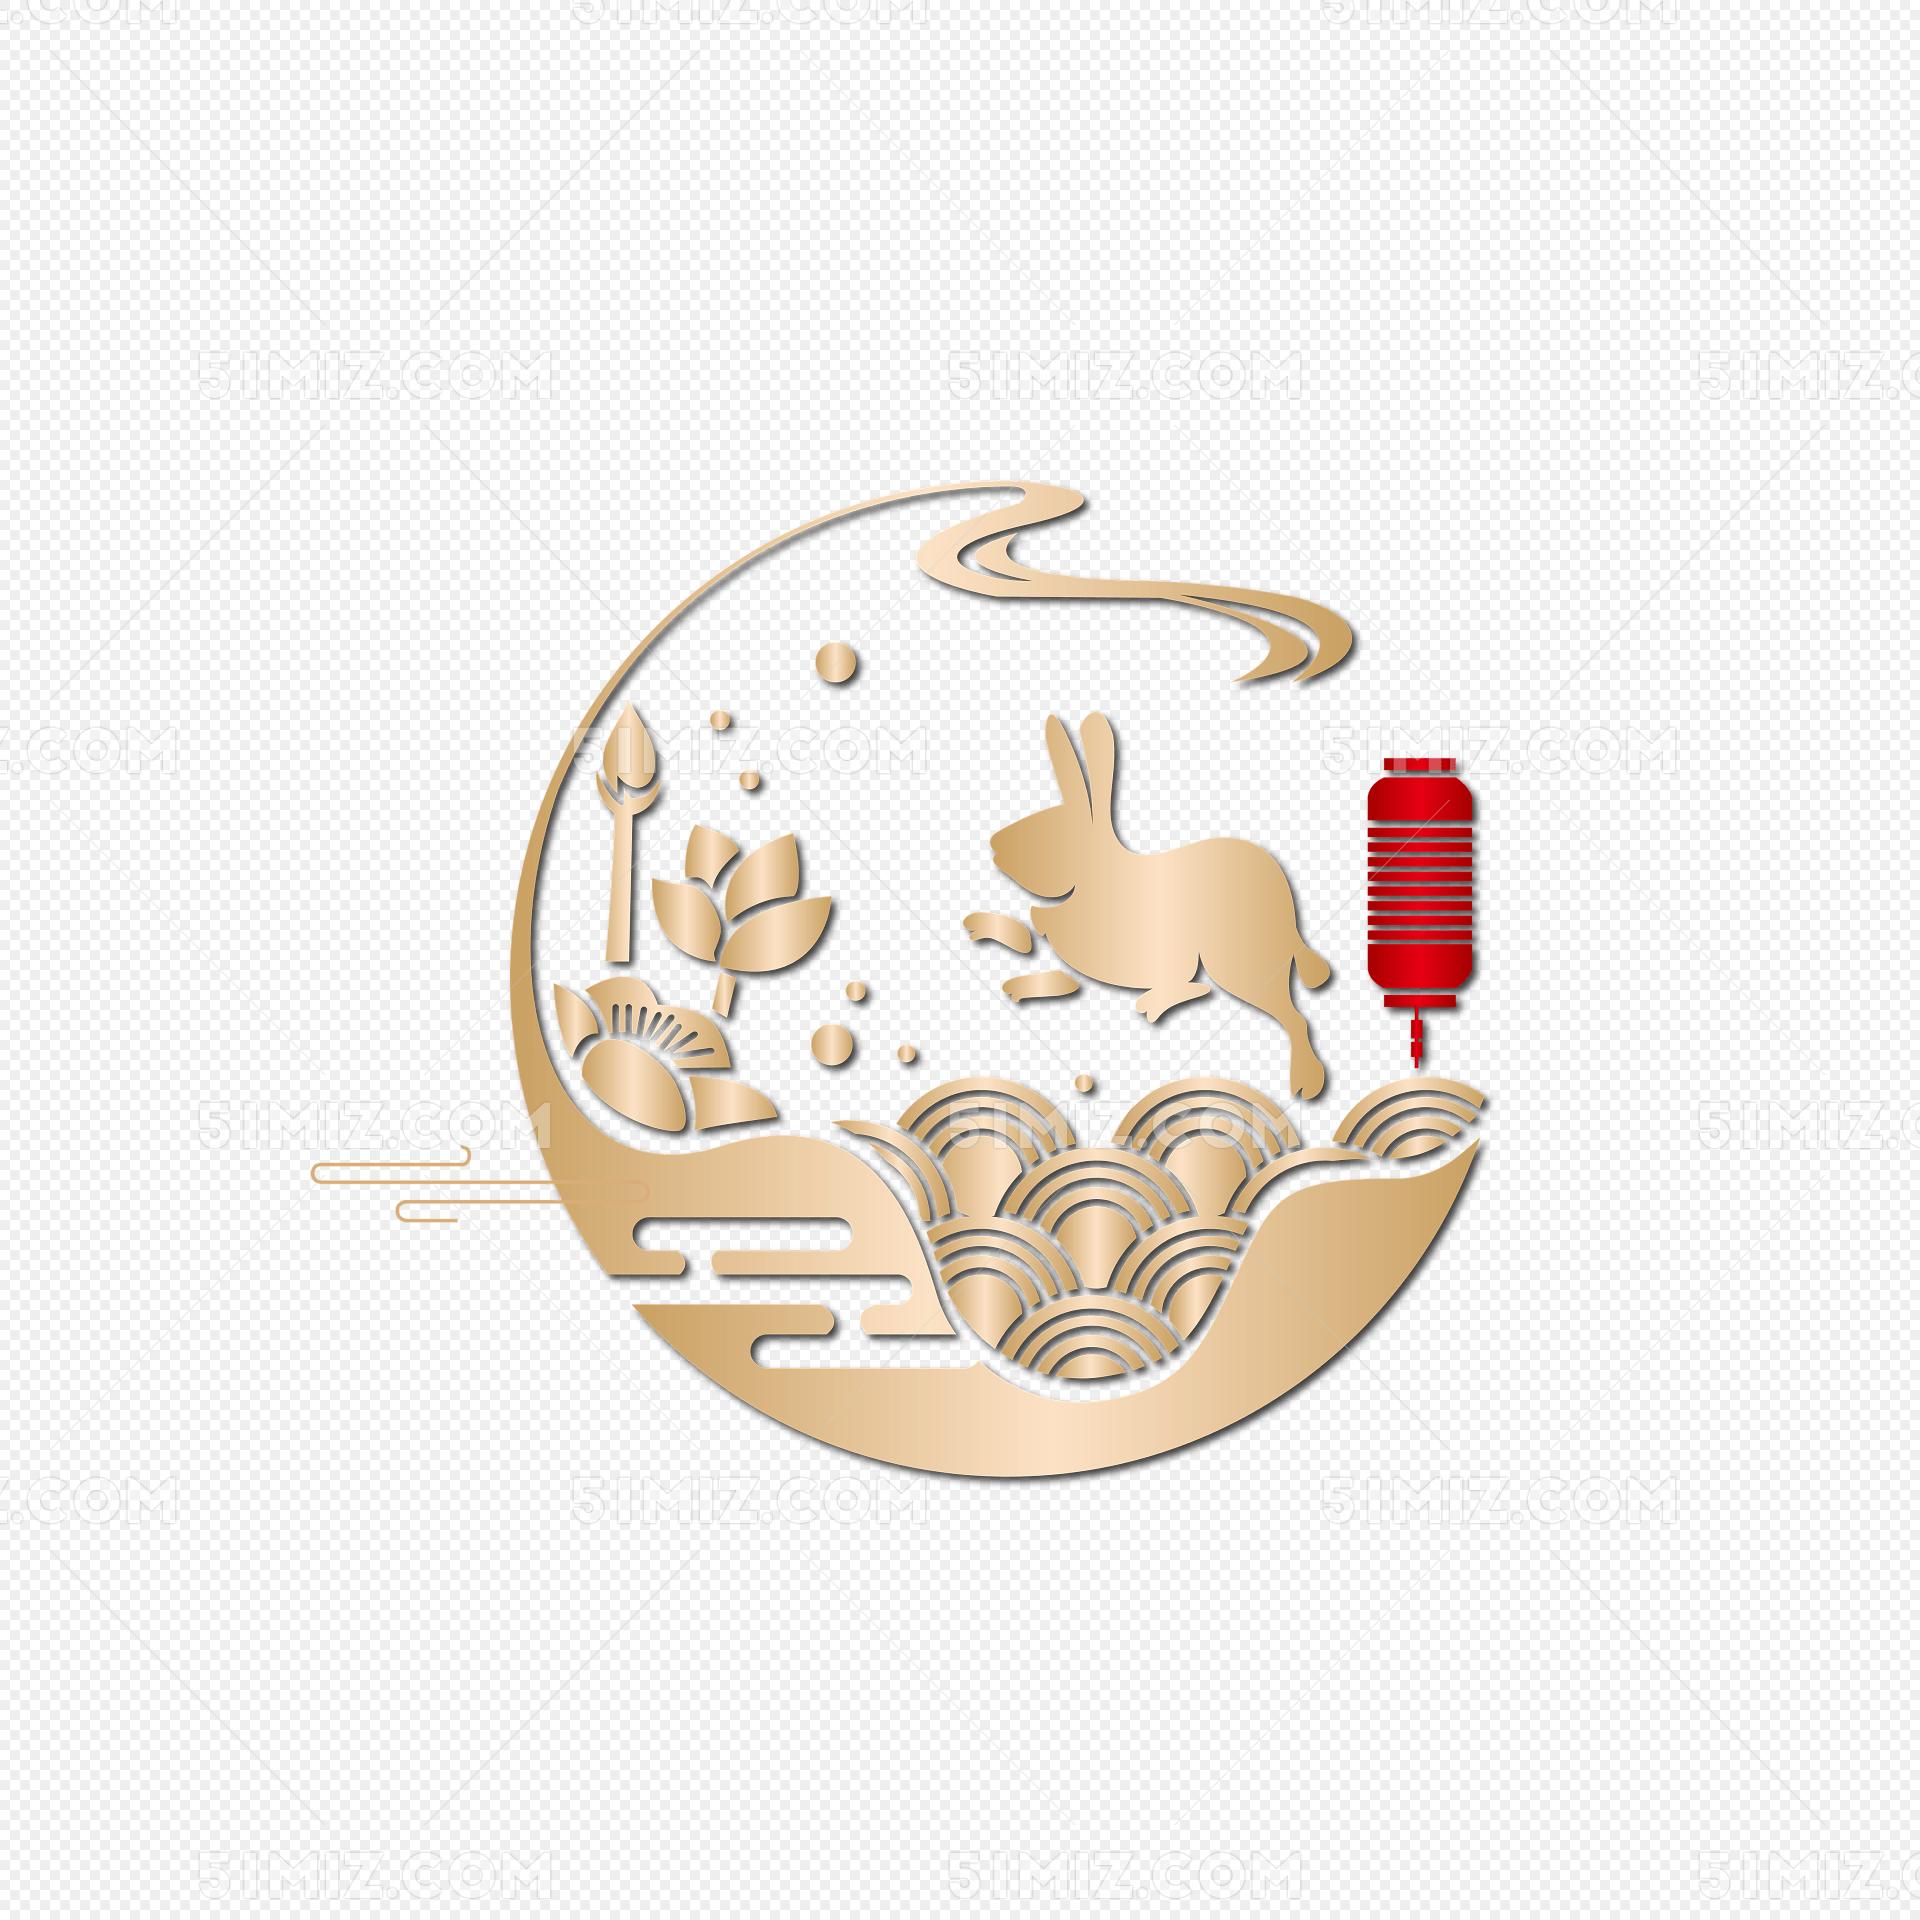 矢量中秋兔子玉兔图片素材免费下载_觅知网